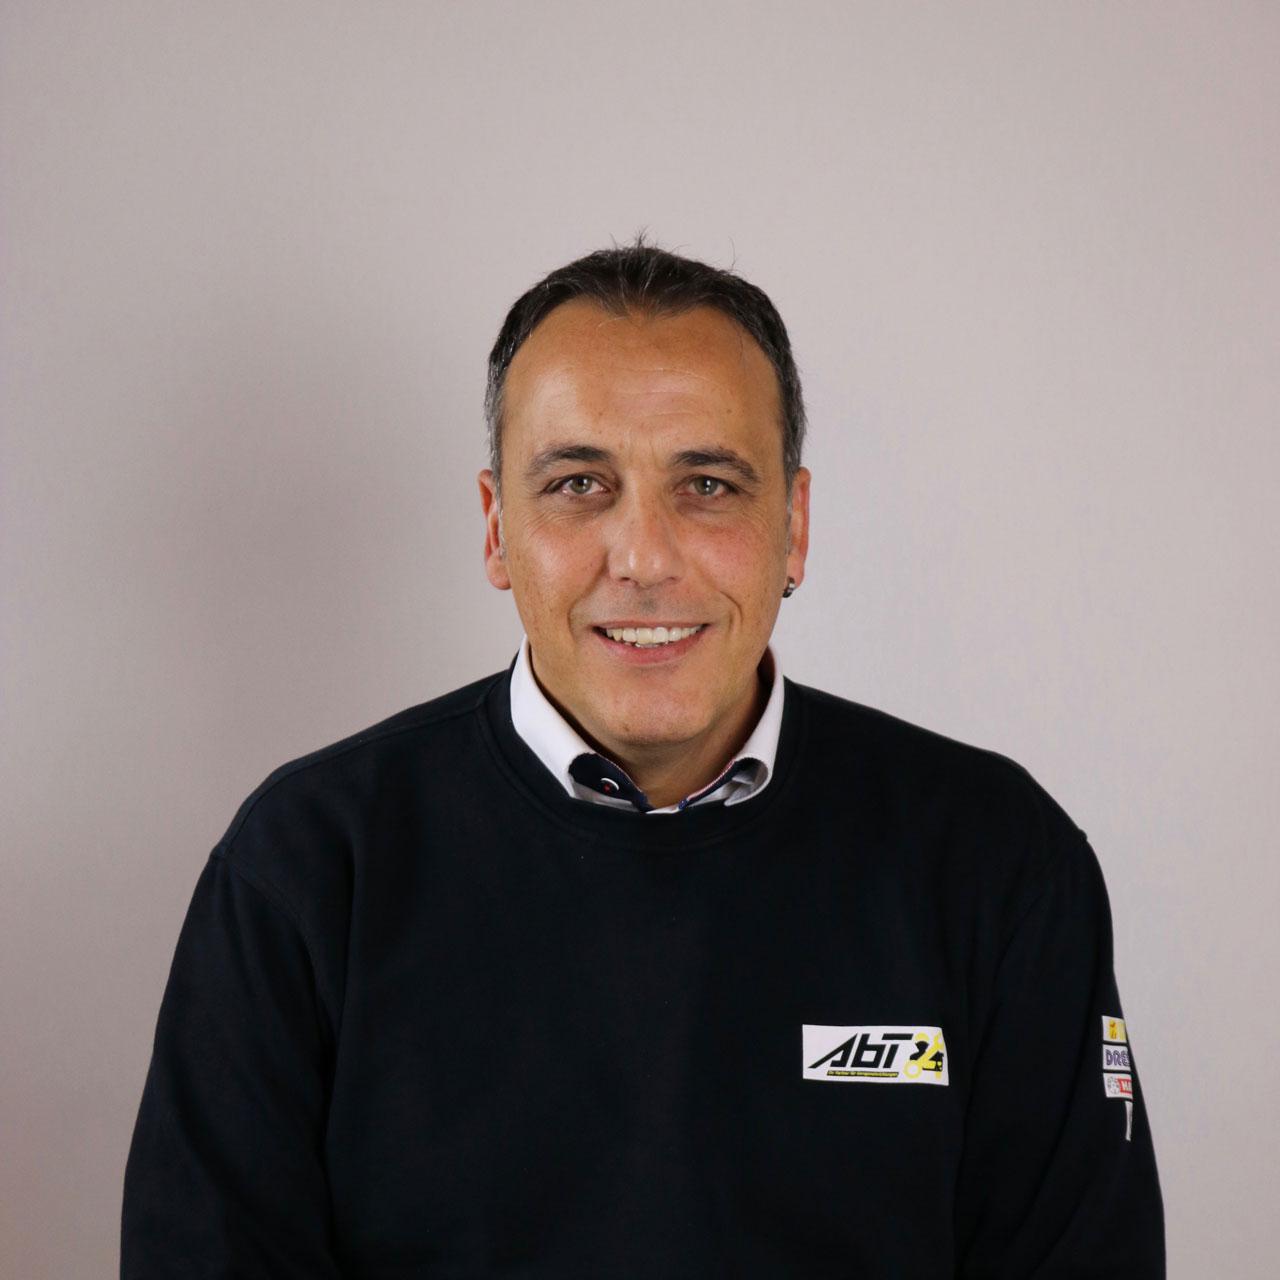 Carlos Deza